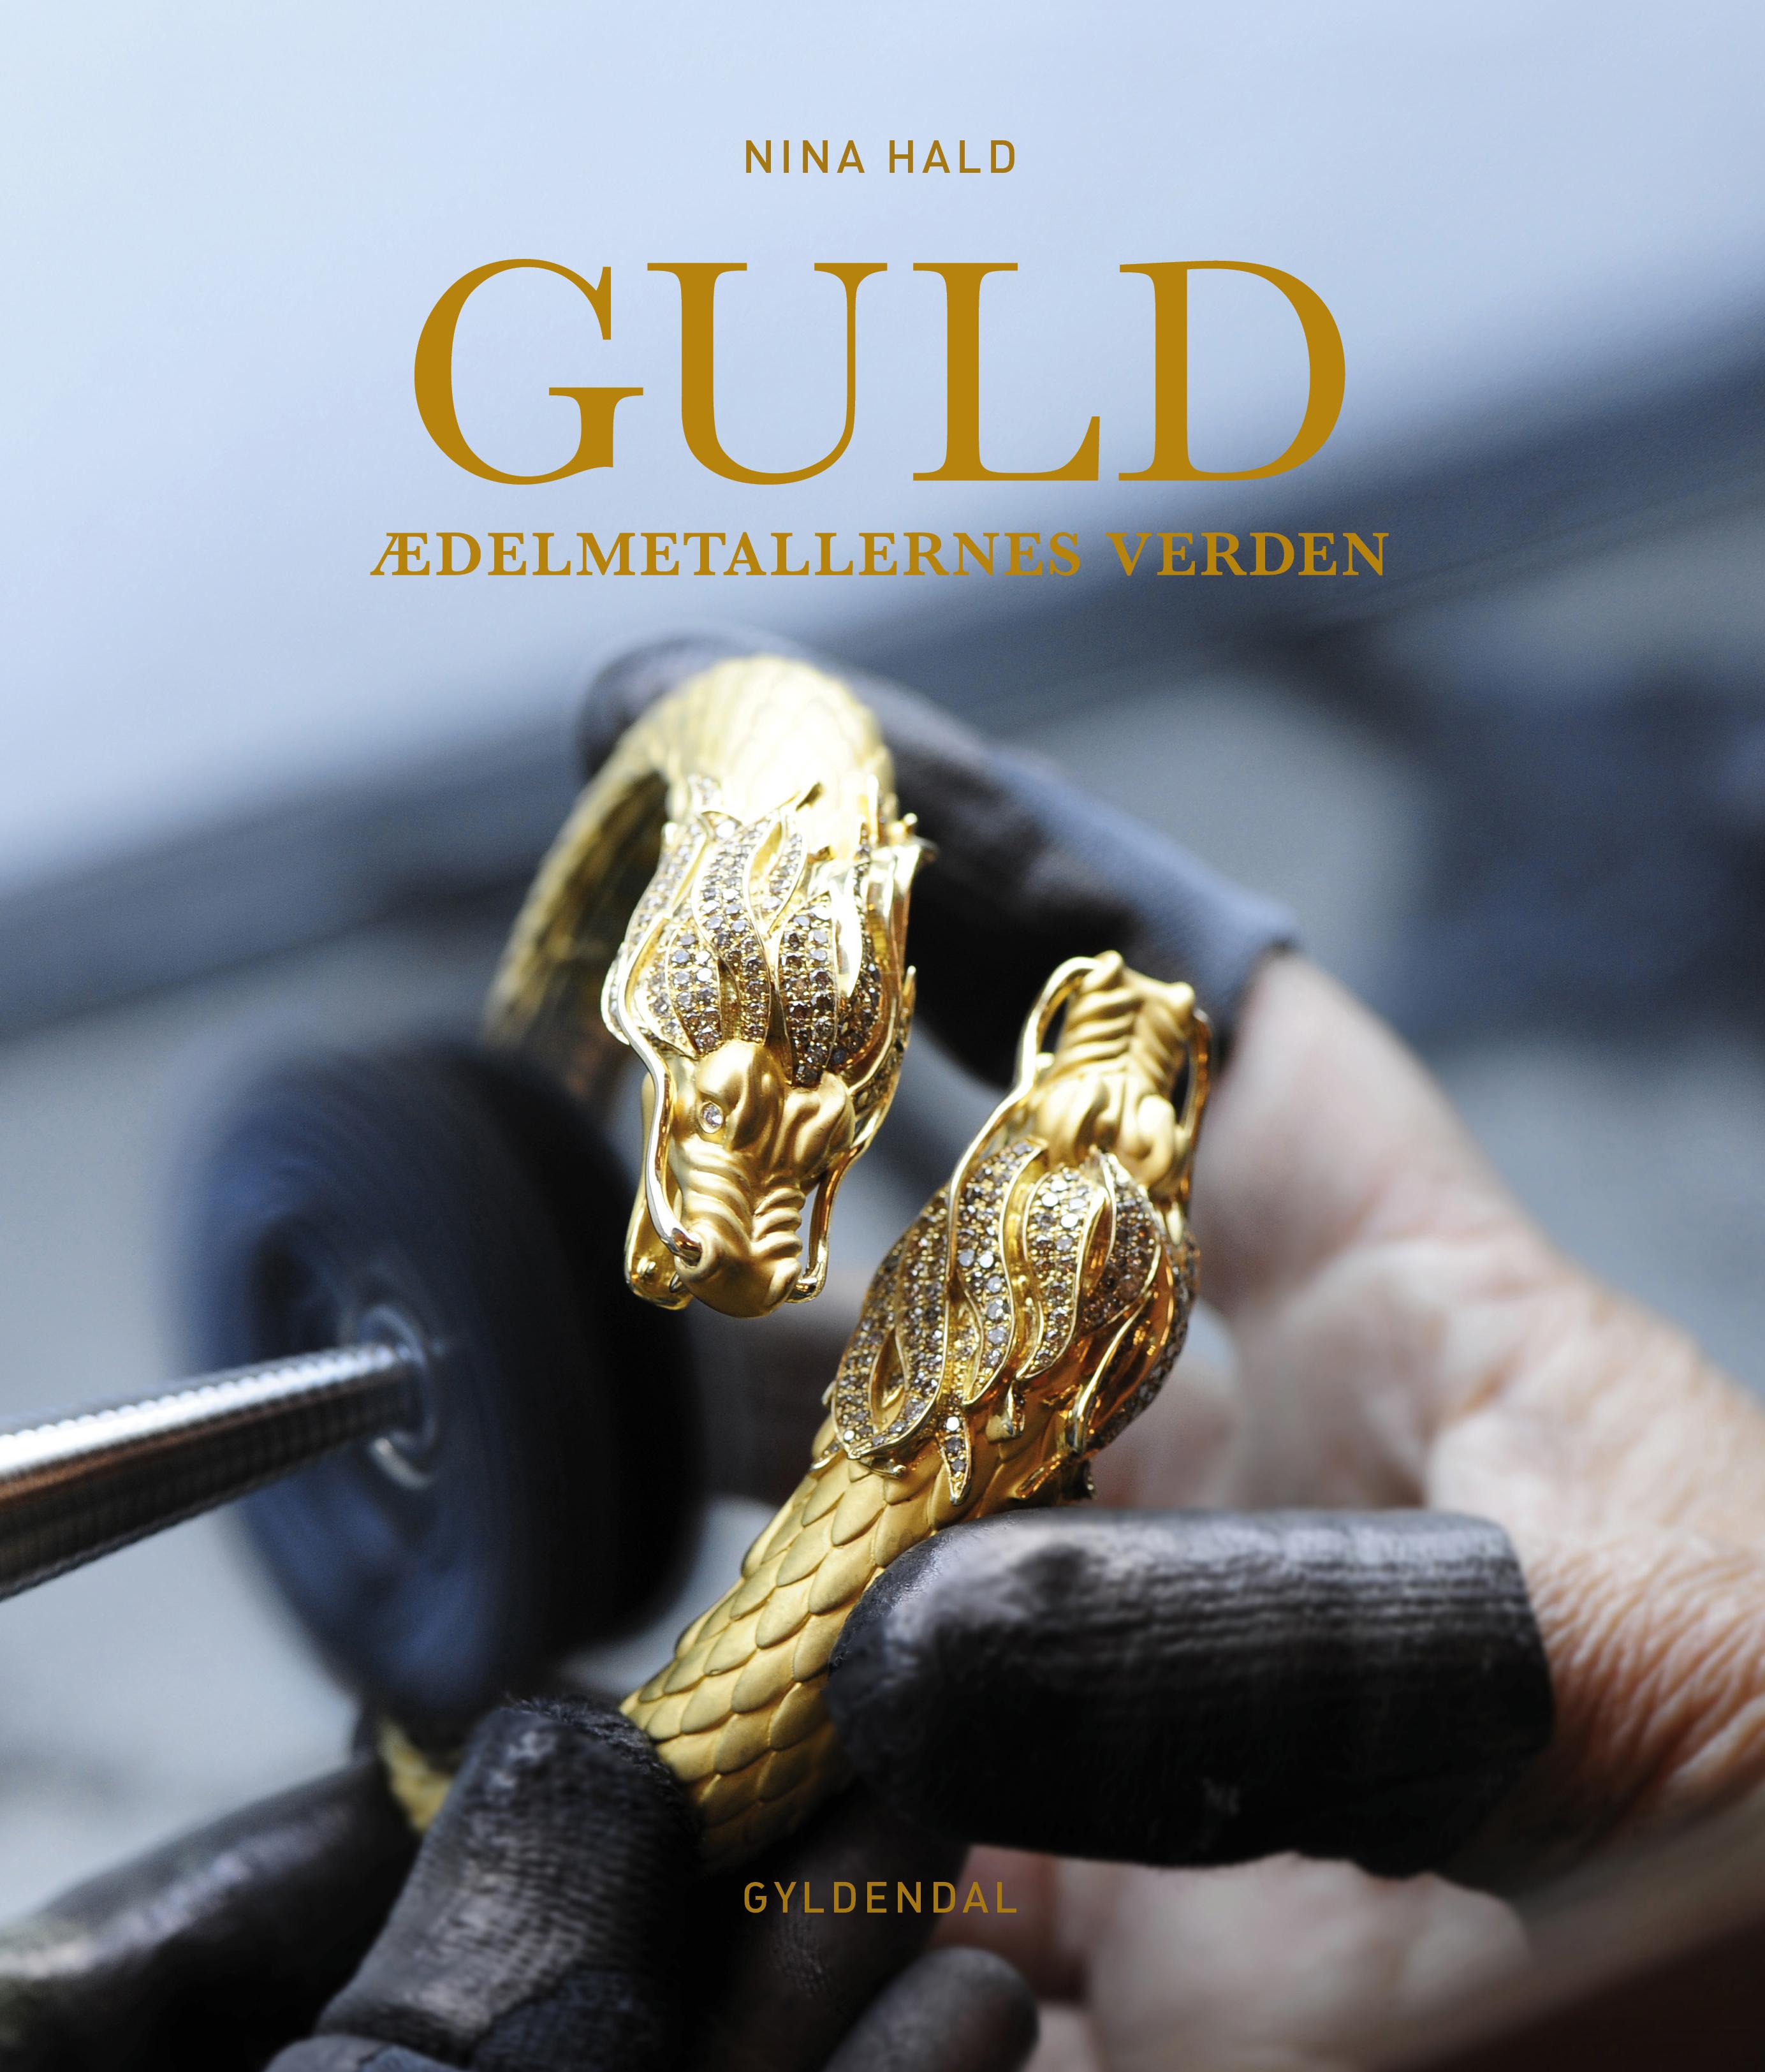 Guld af Nina Hald fra forlaget Gyldendahl.